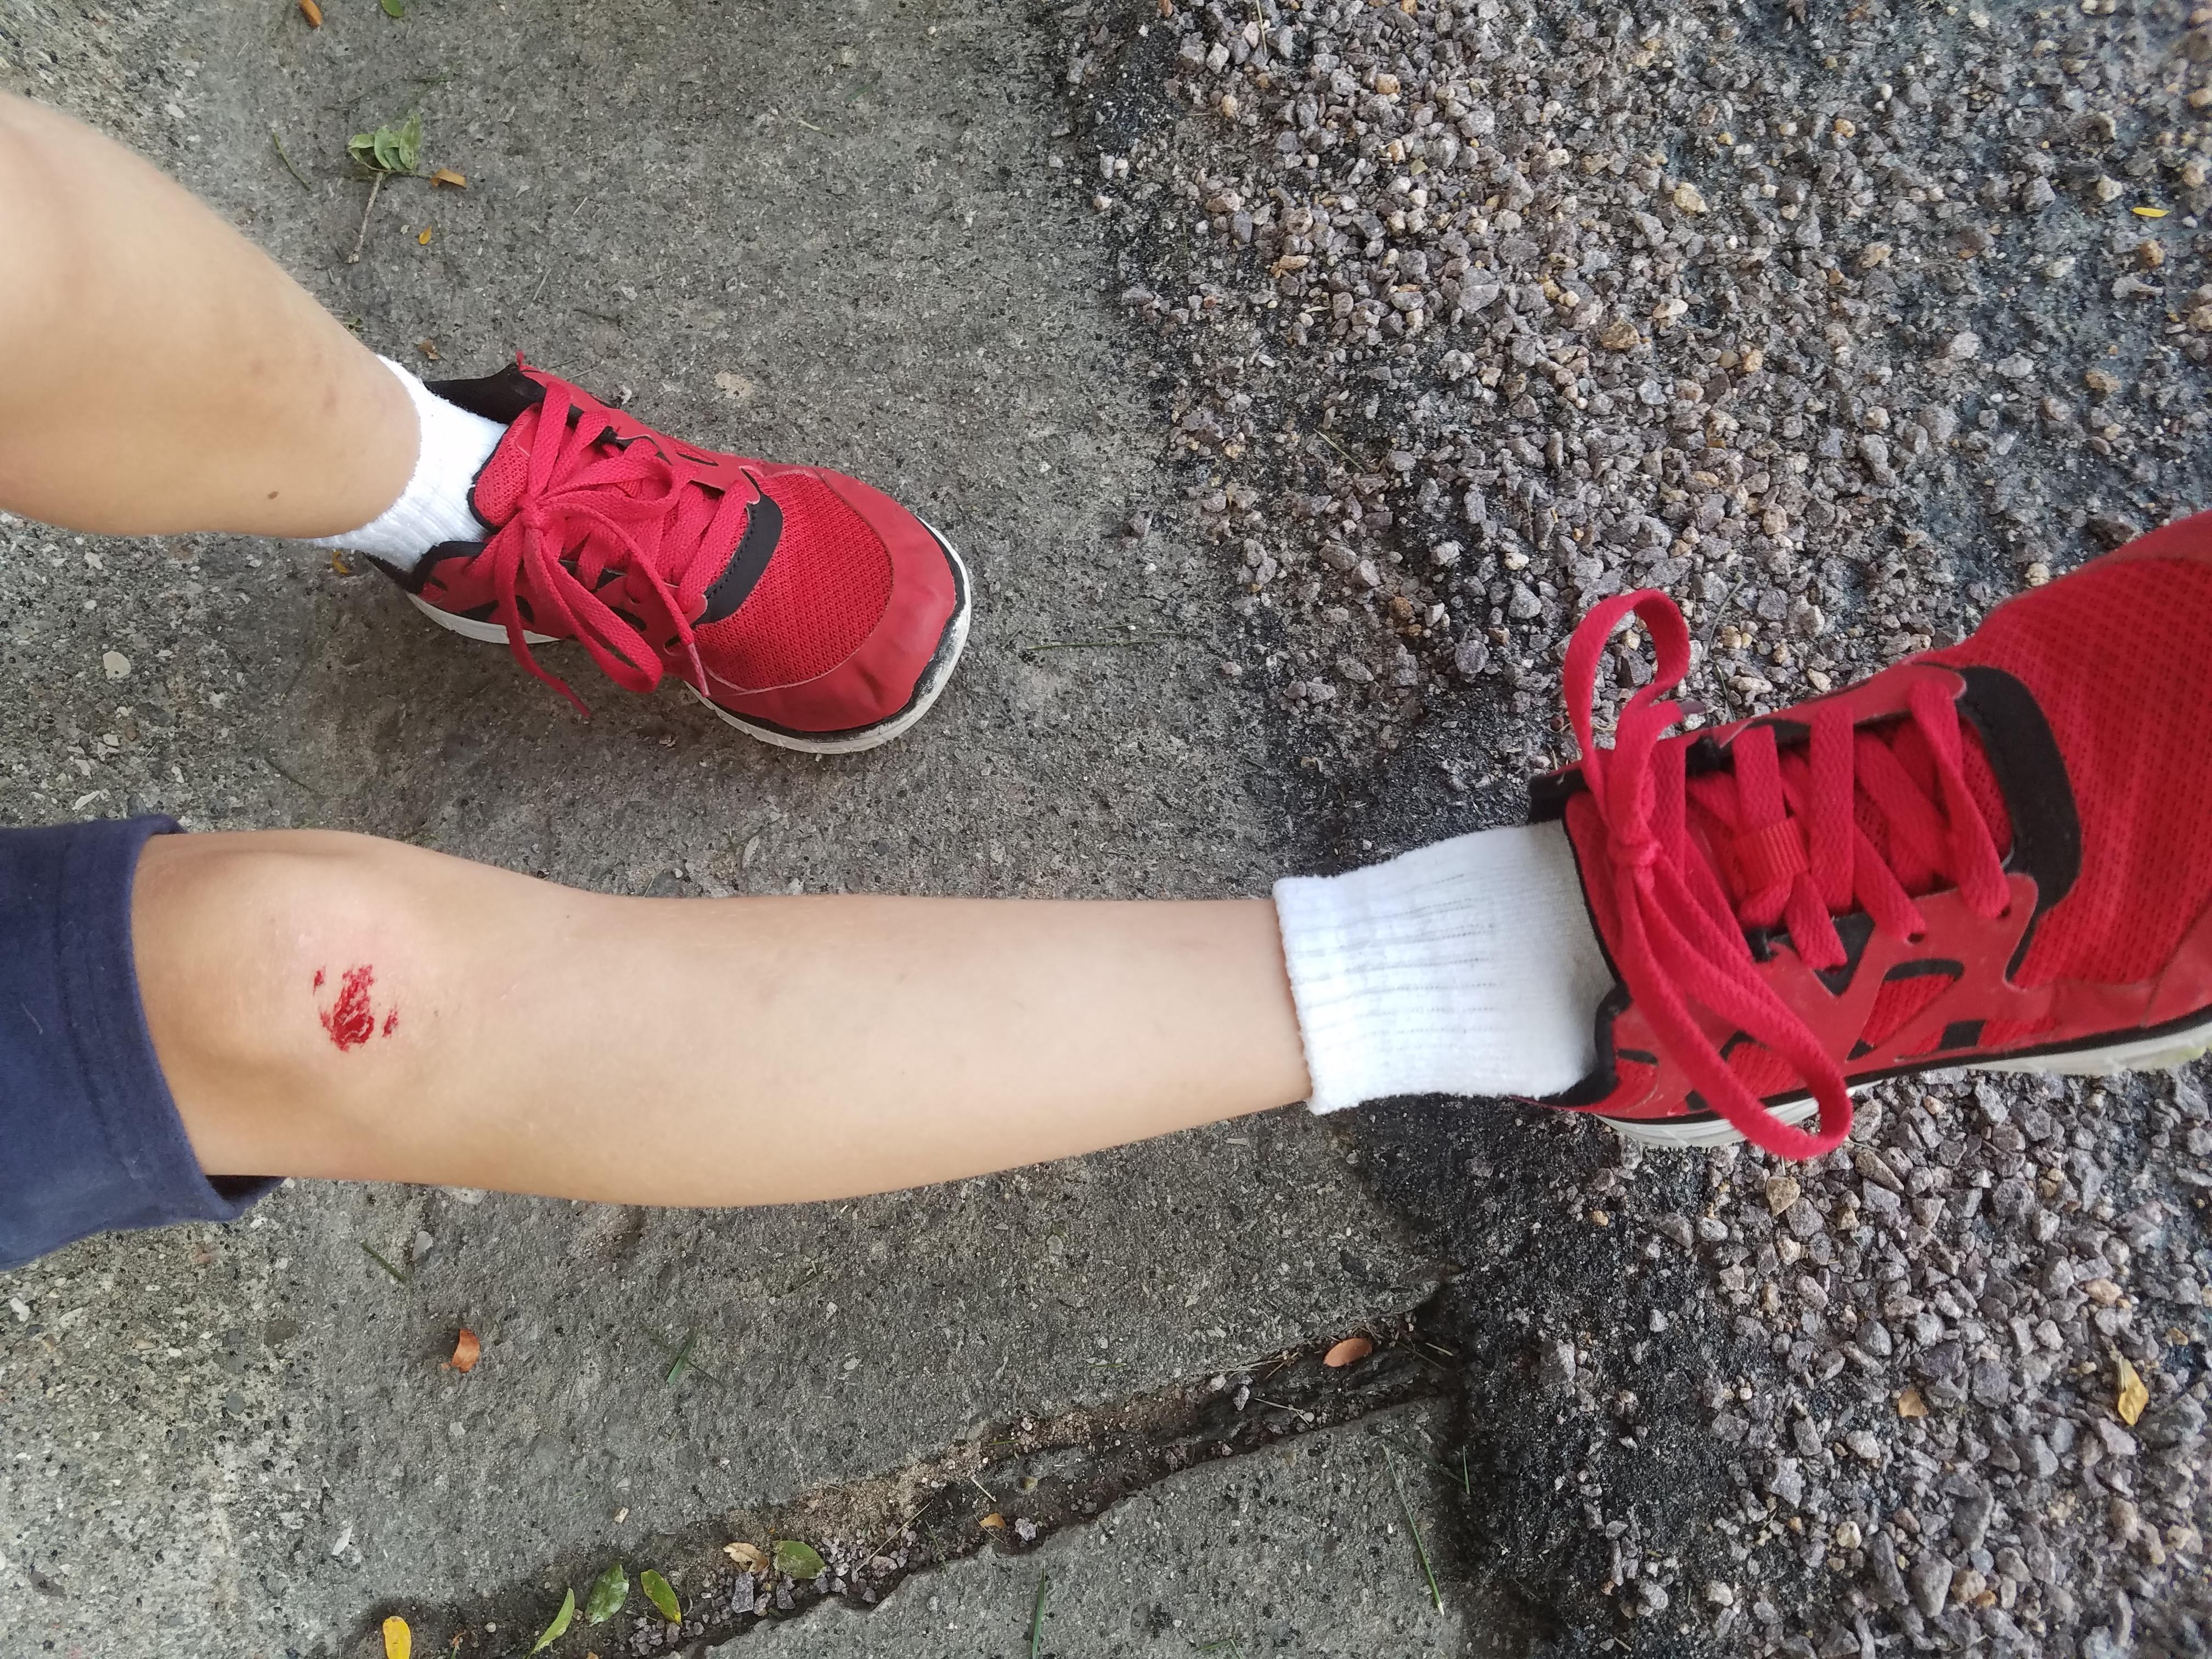 skinned-knee-6159.jpg